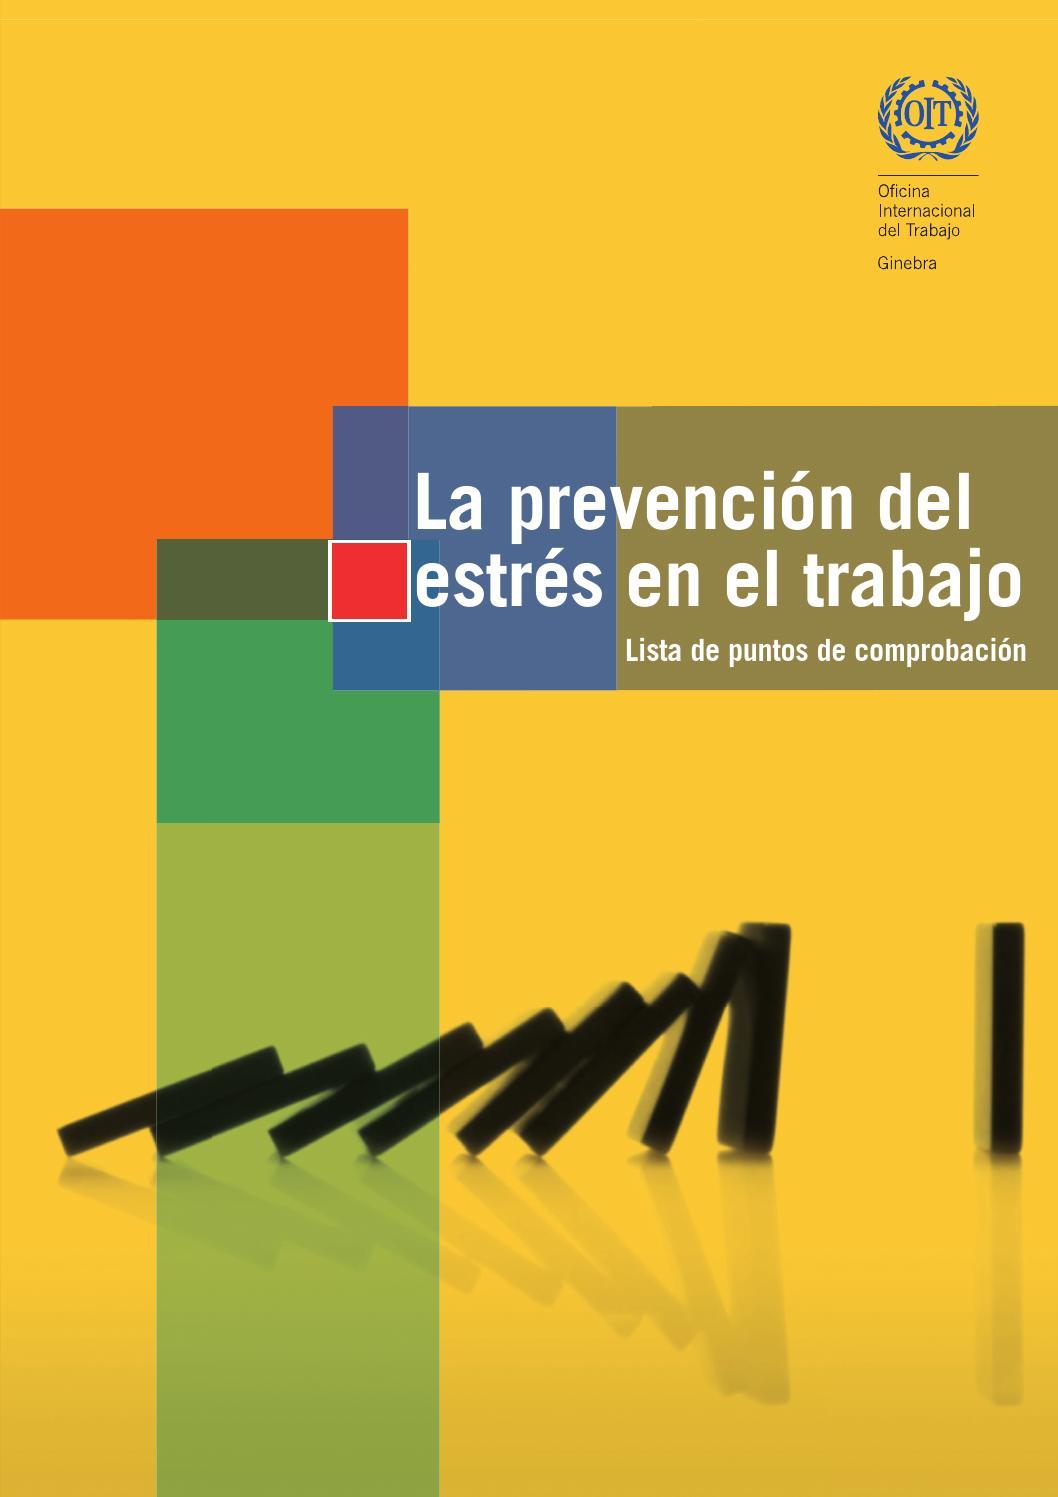 La prevencion del estres en el trabajo by Dario Cerezo - issuu